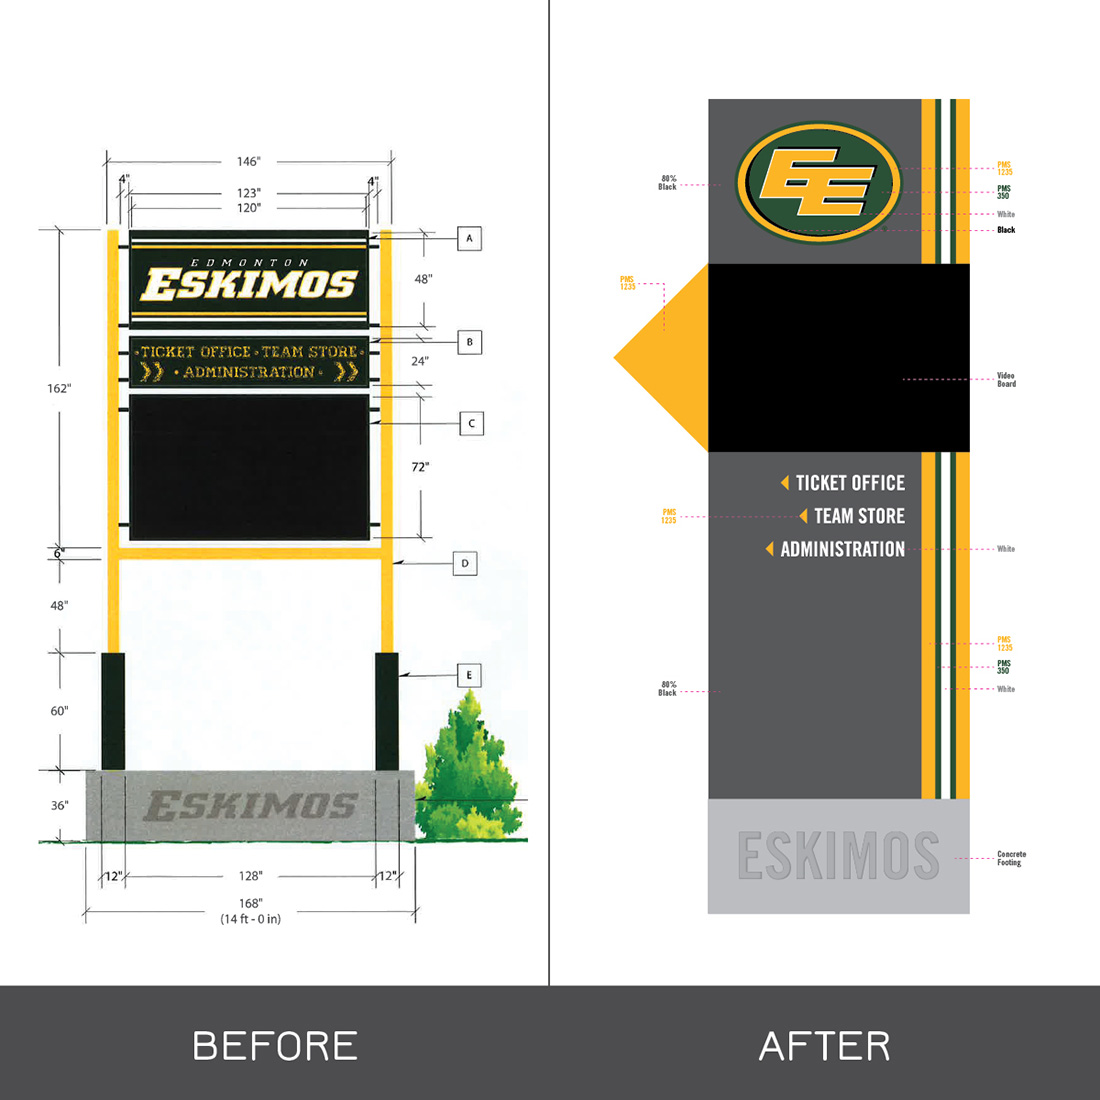 Edmonton Football Team Store Signage